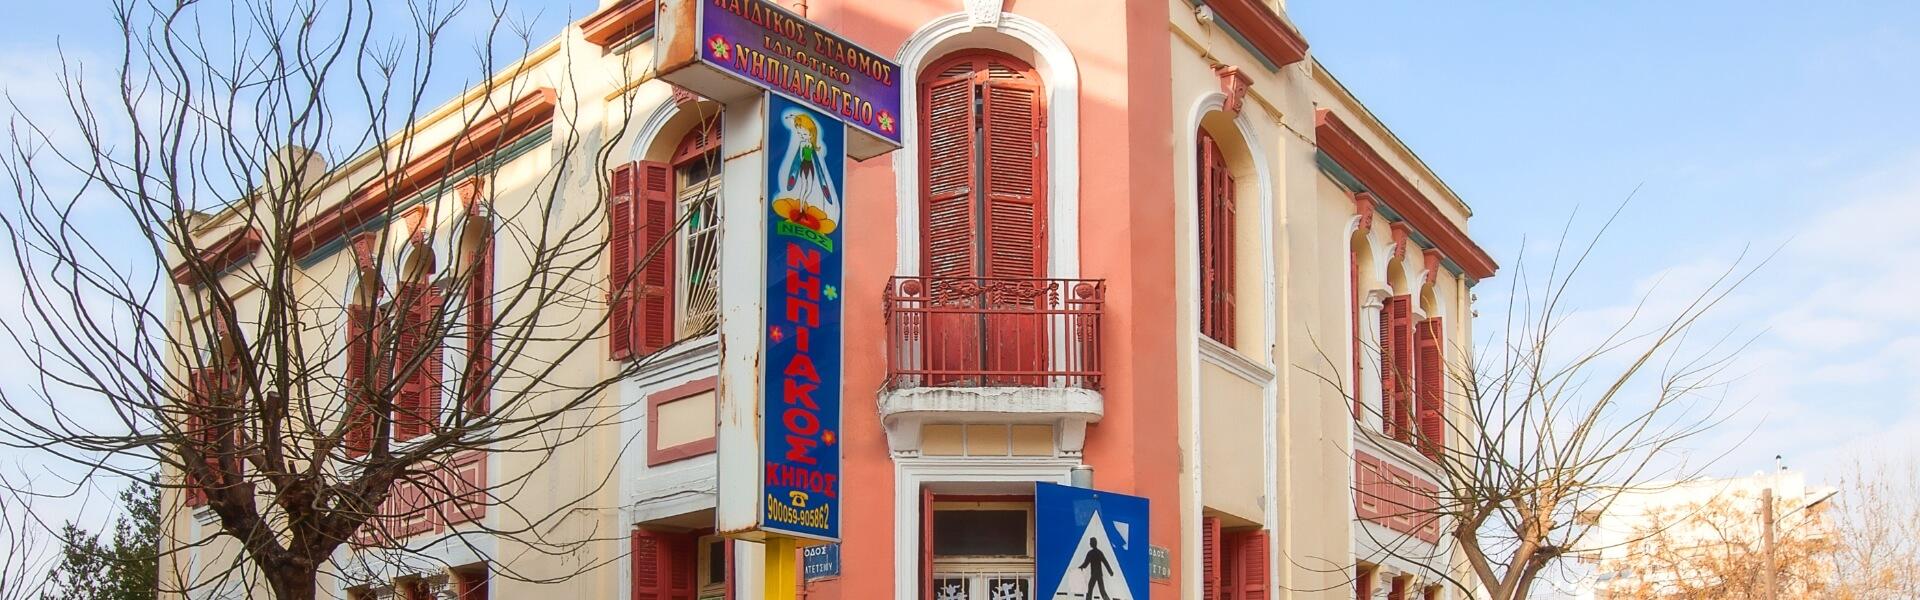 Κάτω Τούμπα Θεσσαλονίκη